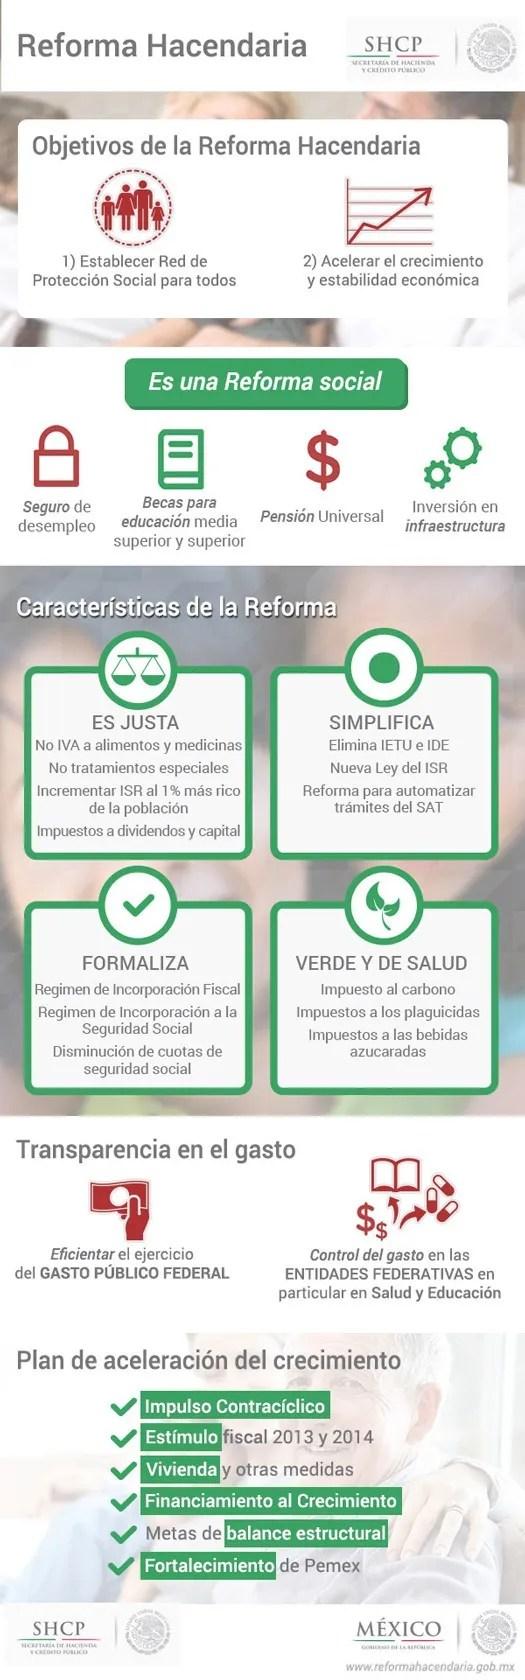 Reforma Hacendaria